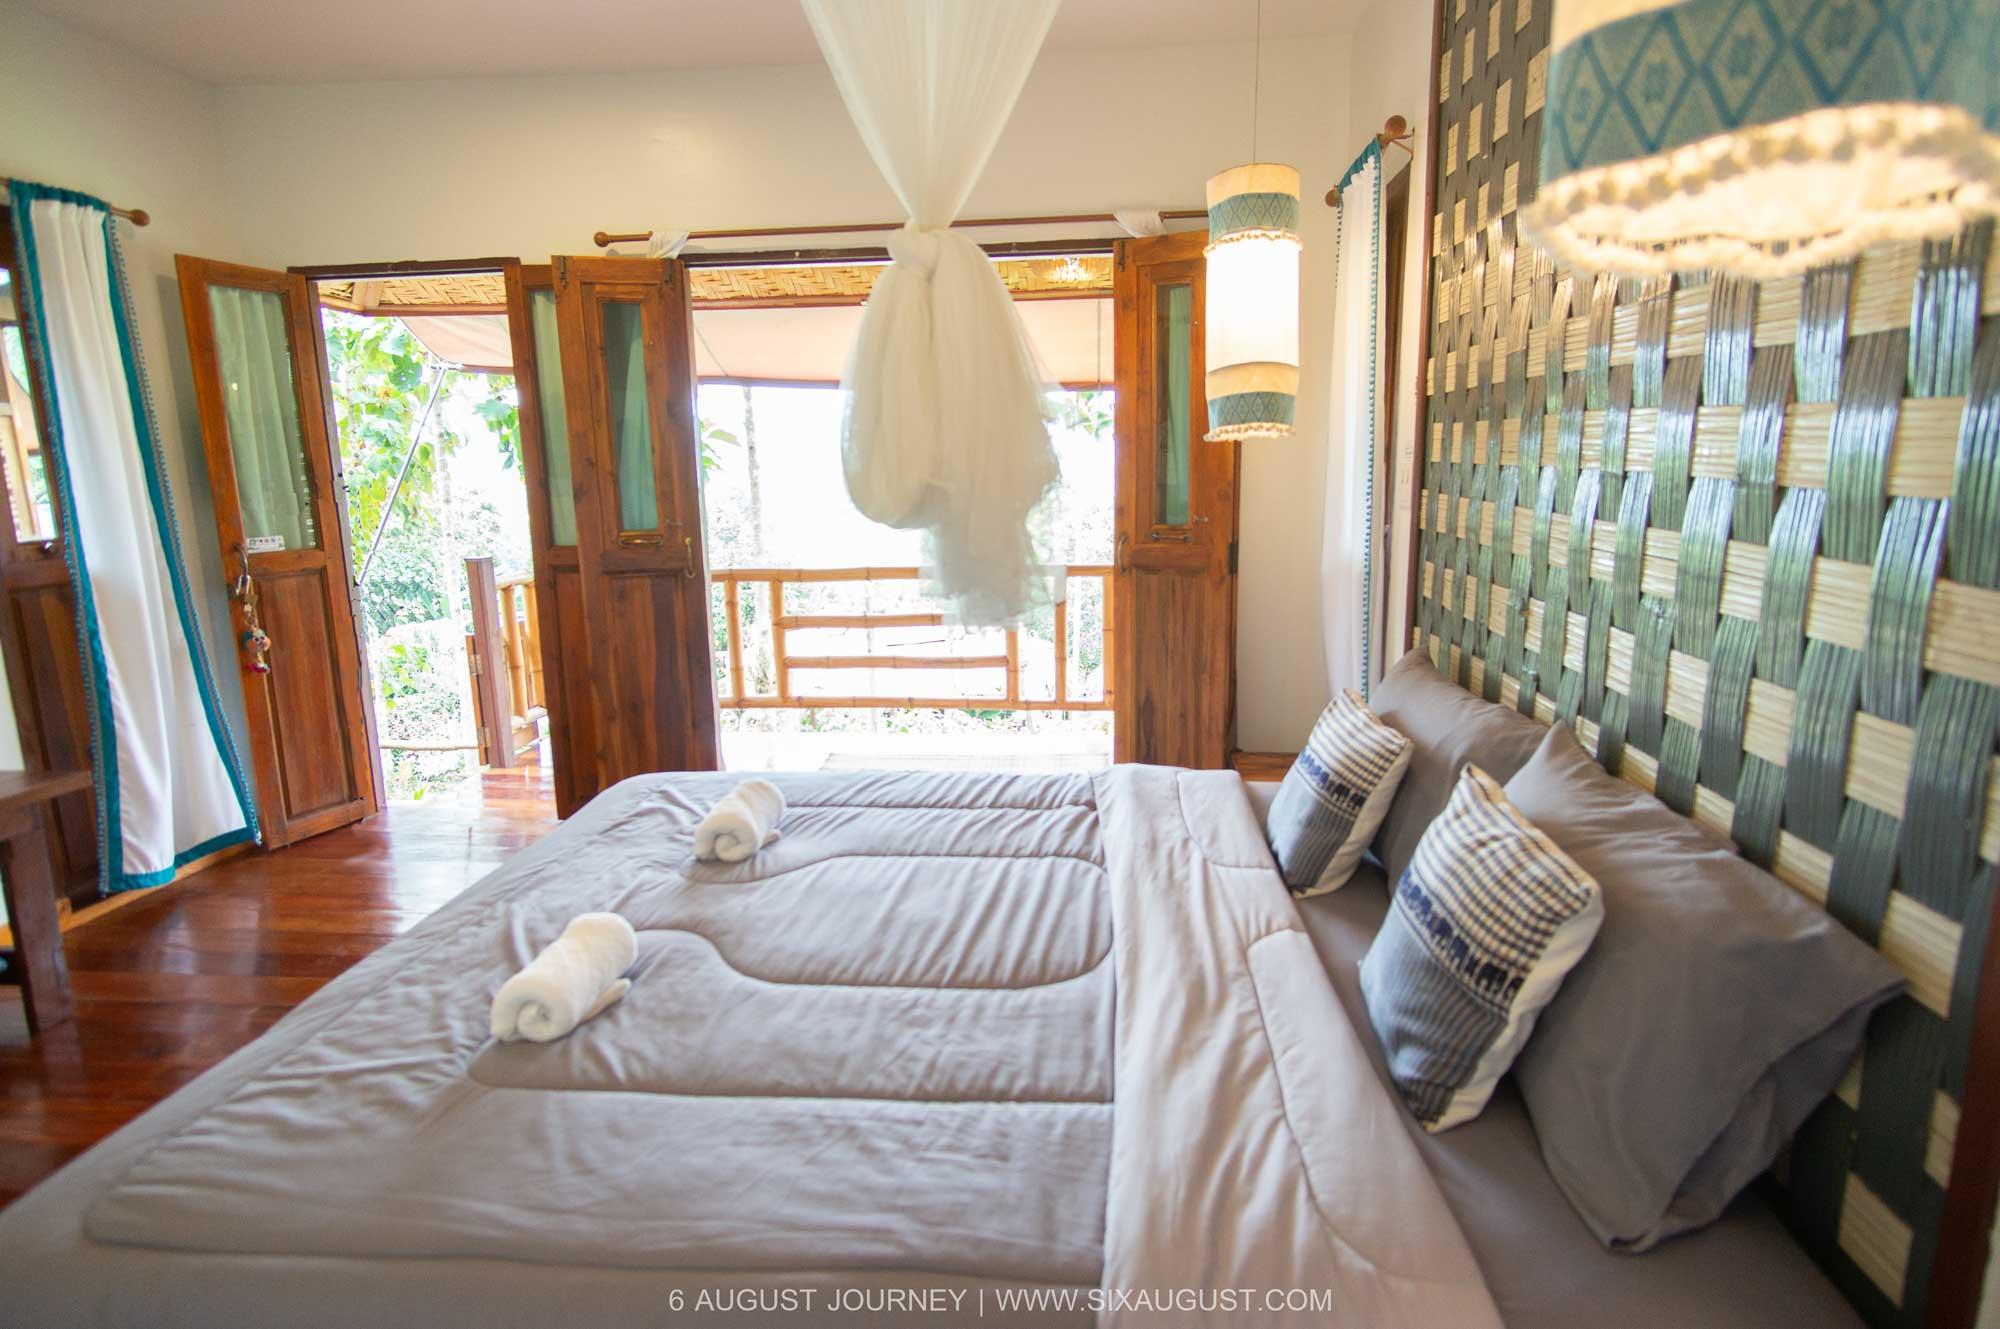 ห้องนอนบ้านดอกแก้ว บ้านสวนในฝัน